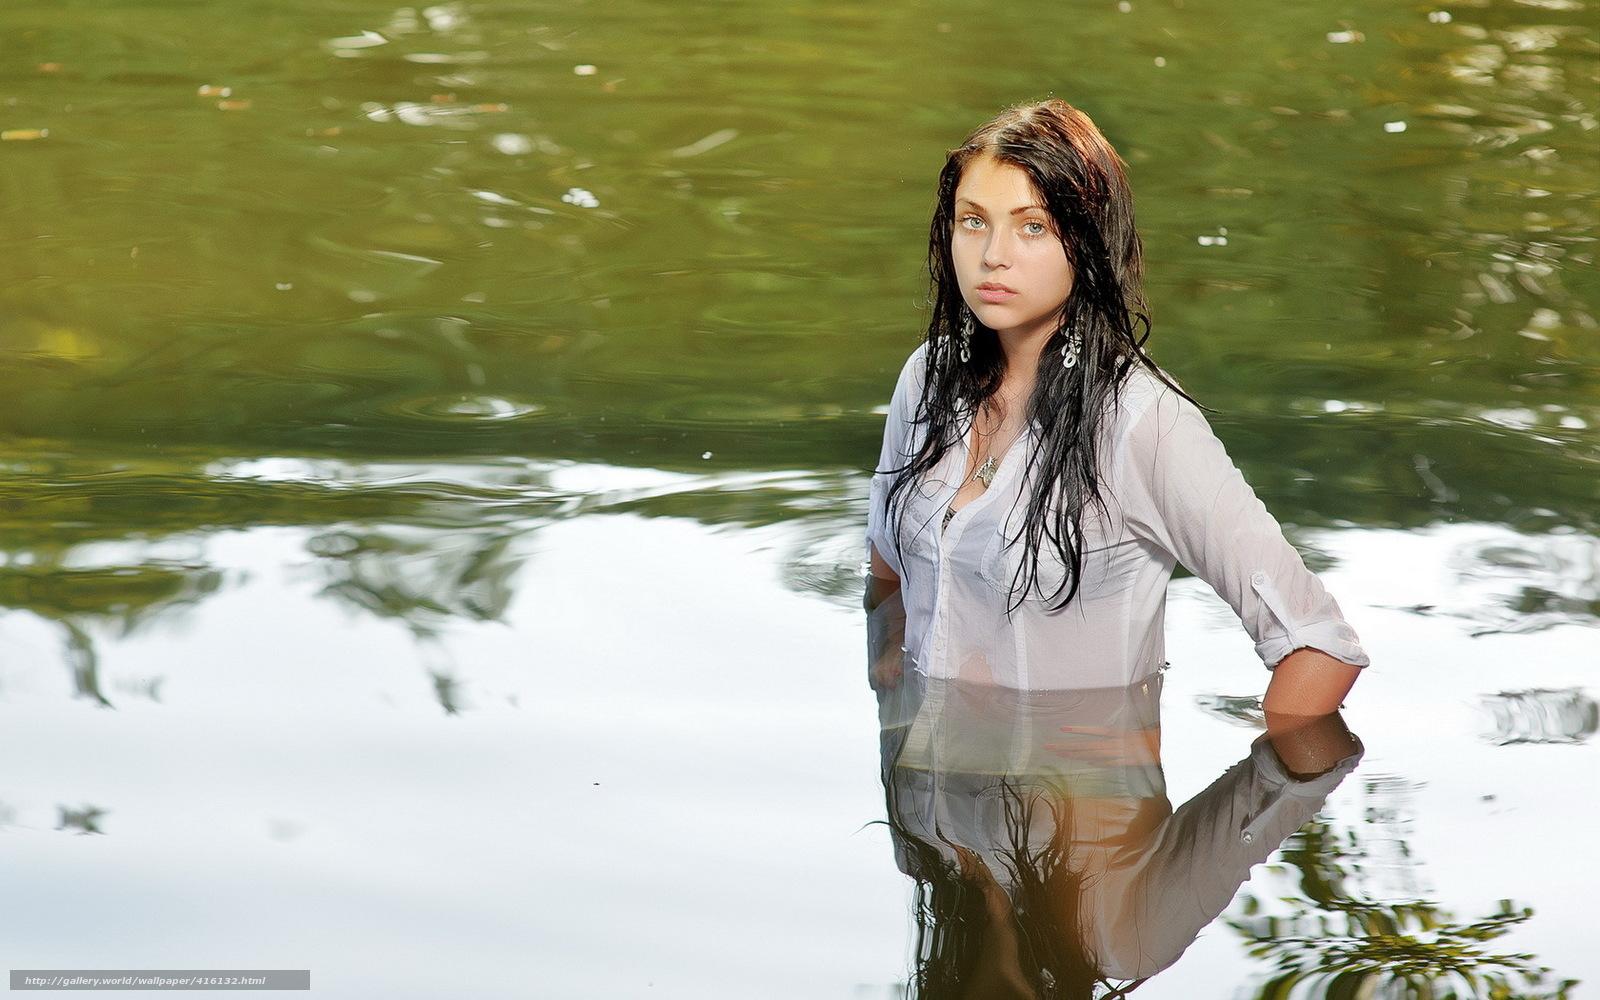 С женой на реке фото 13 фотография